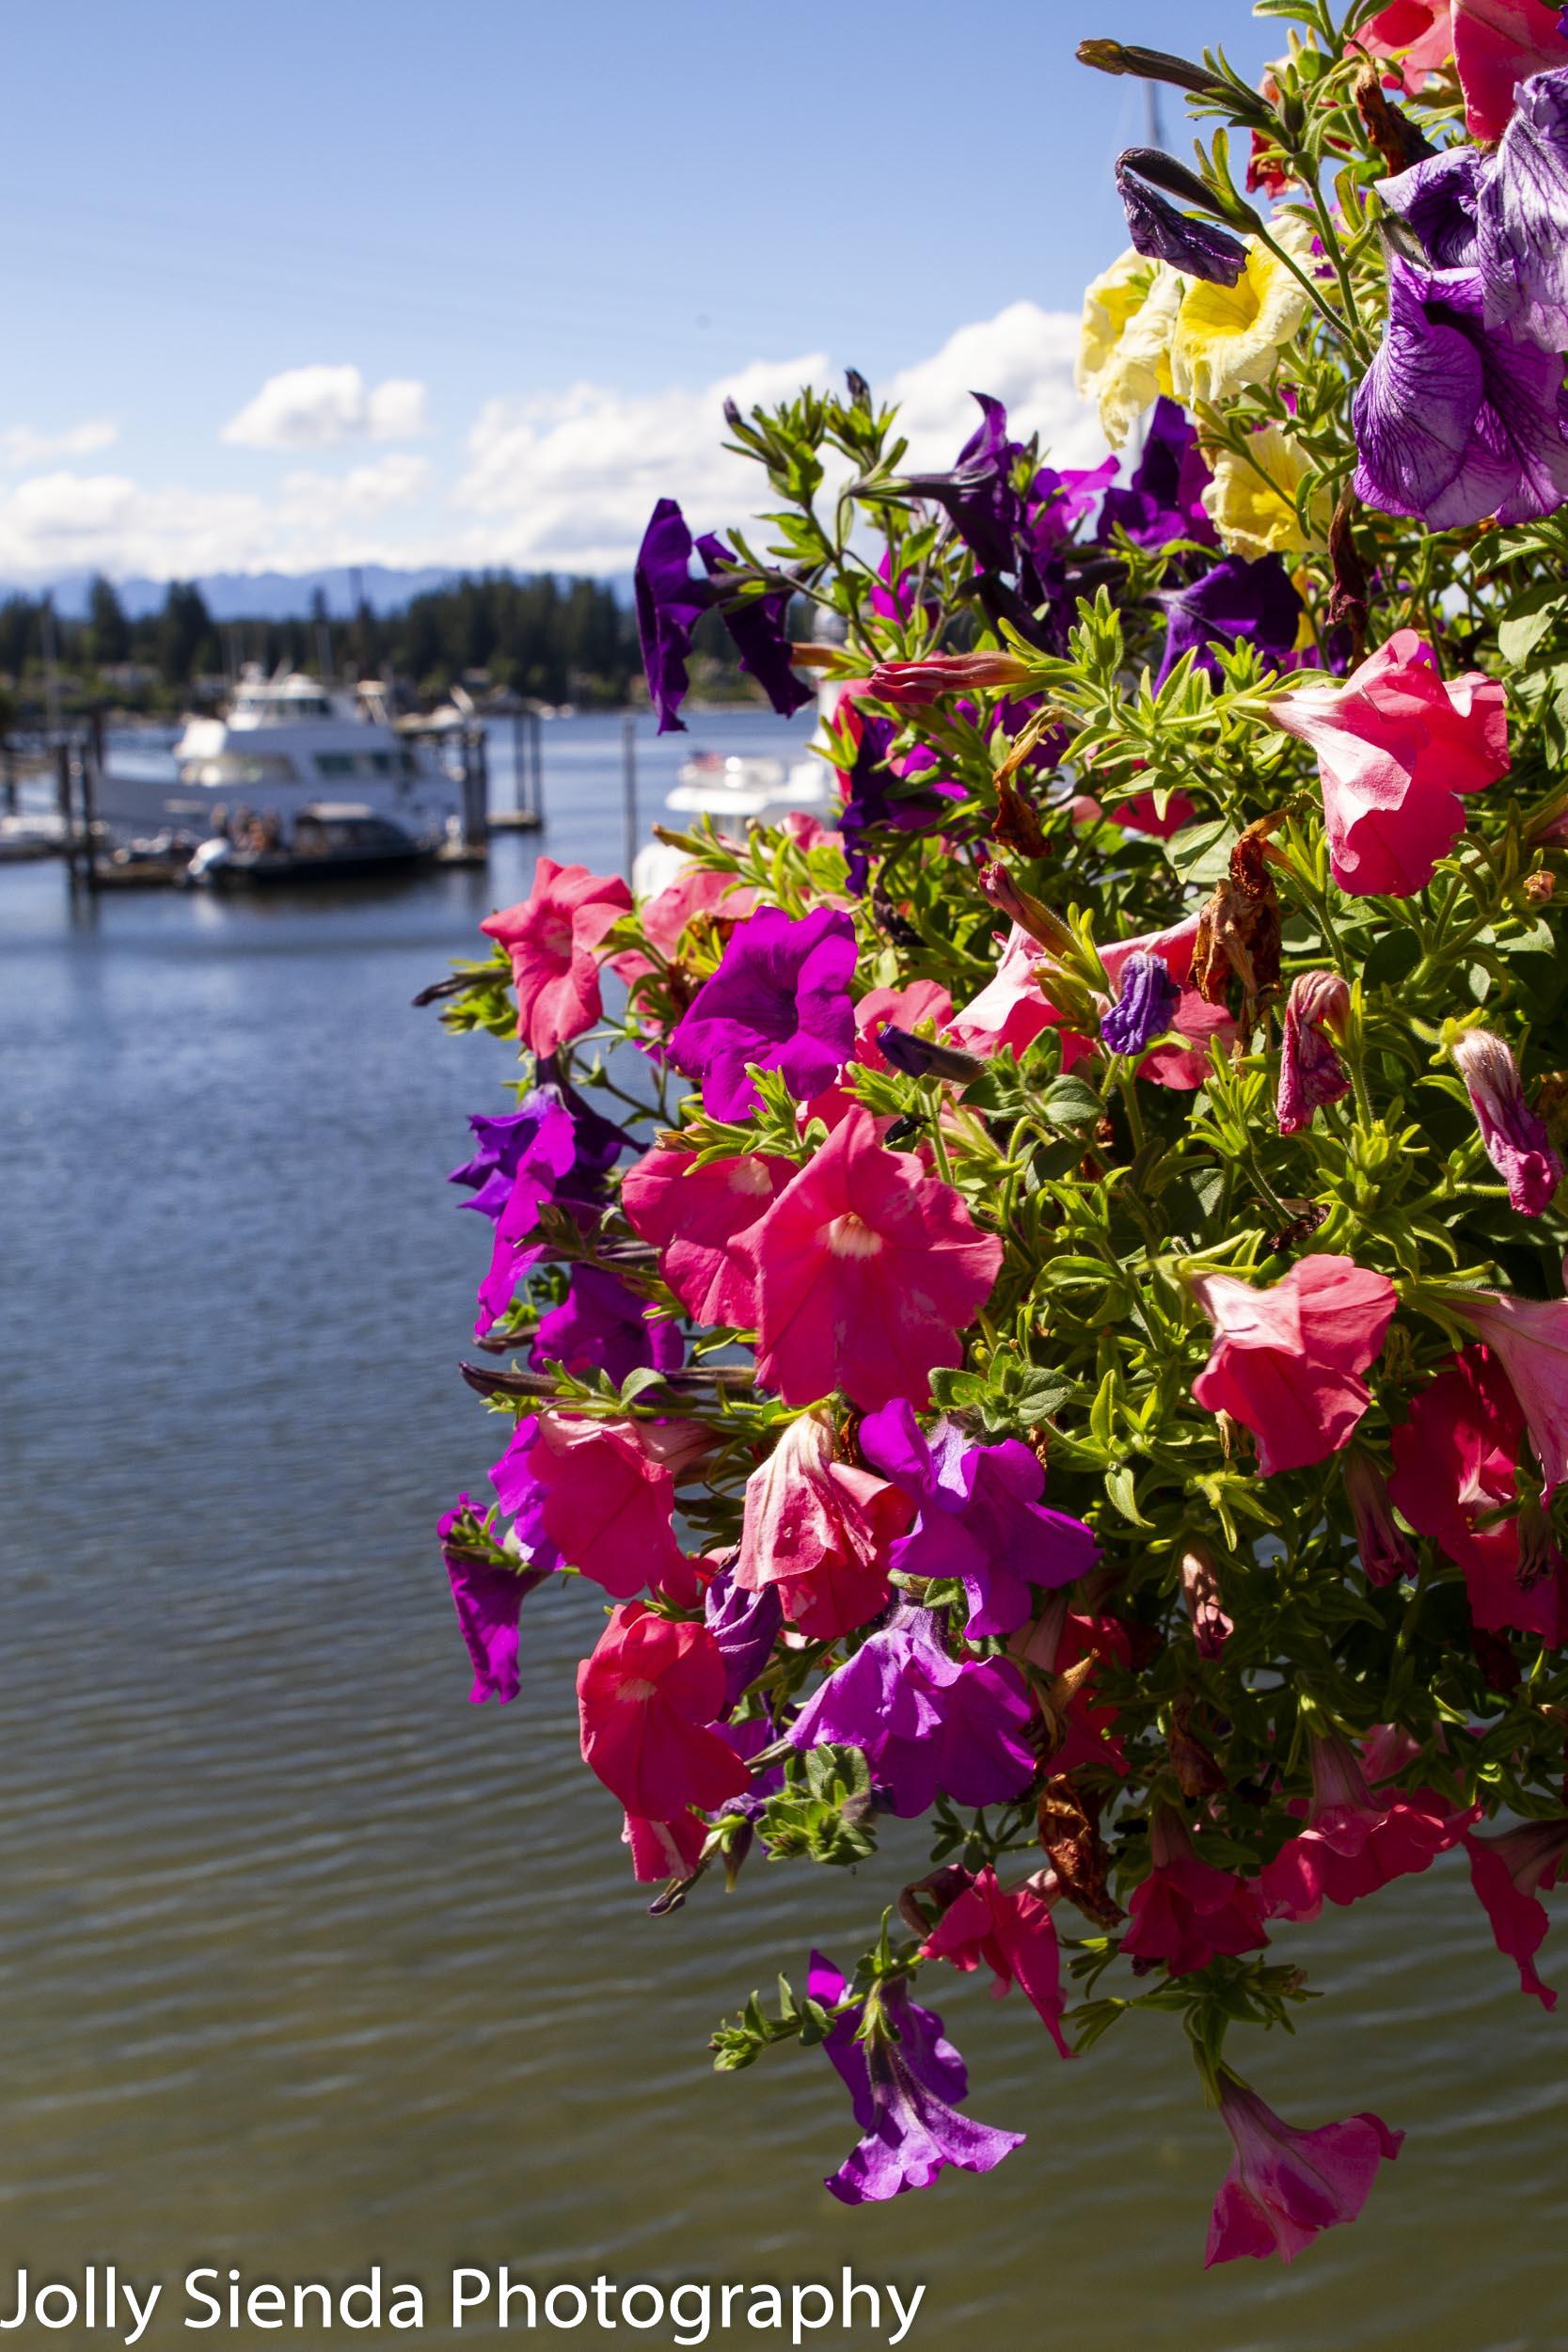 Hanging Petunia flower basket at the seashore